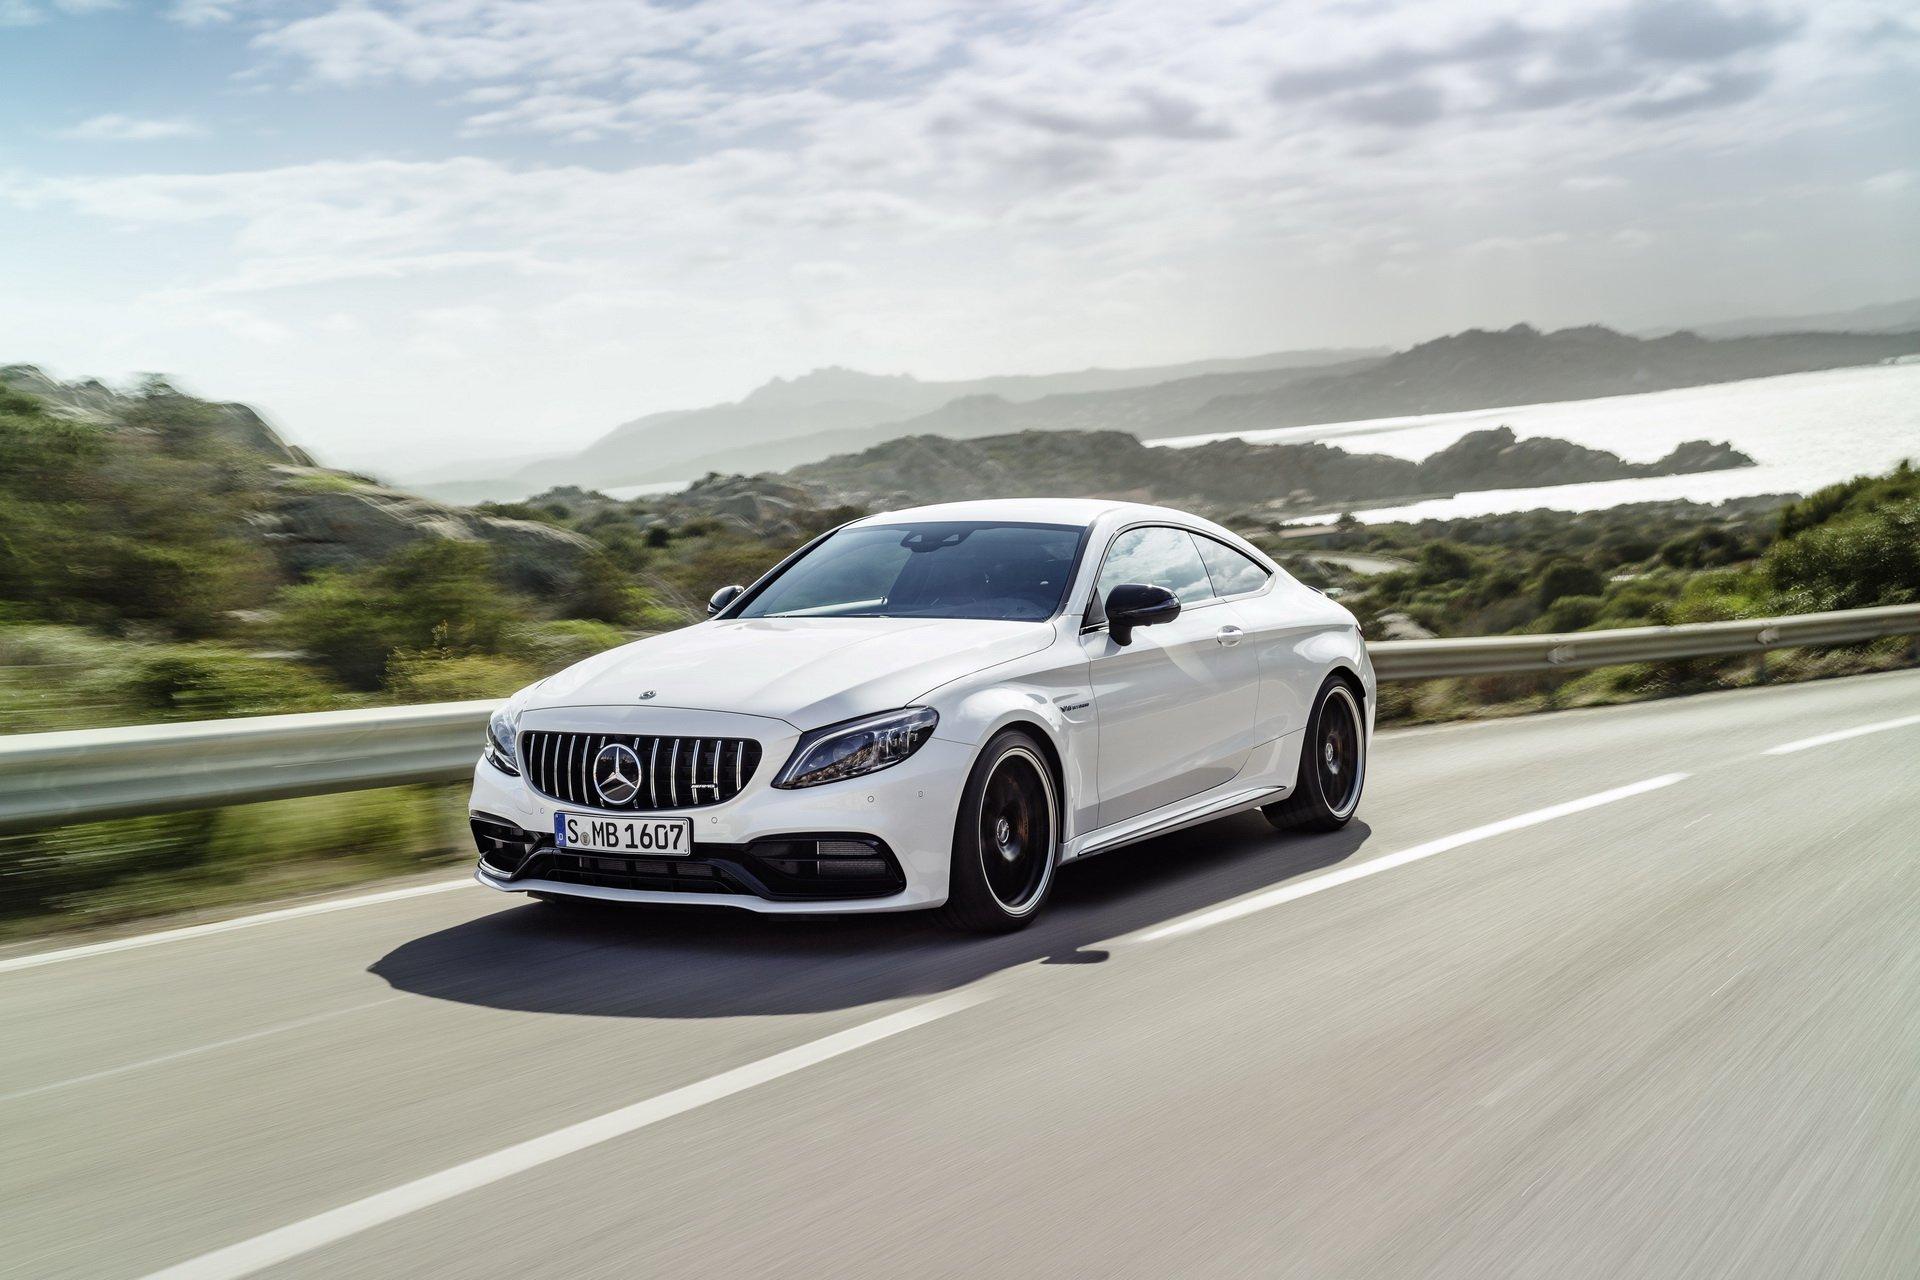 Компания Mercedes-Benz планирует электрифицировать семейство AMG за счет появления подключаемых гибридов